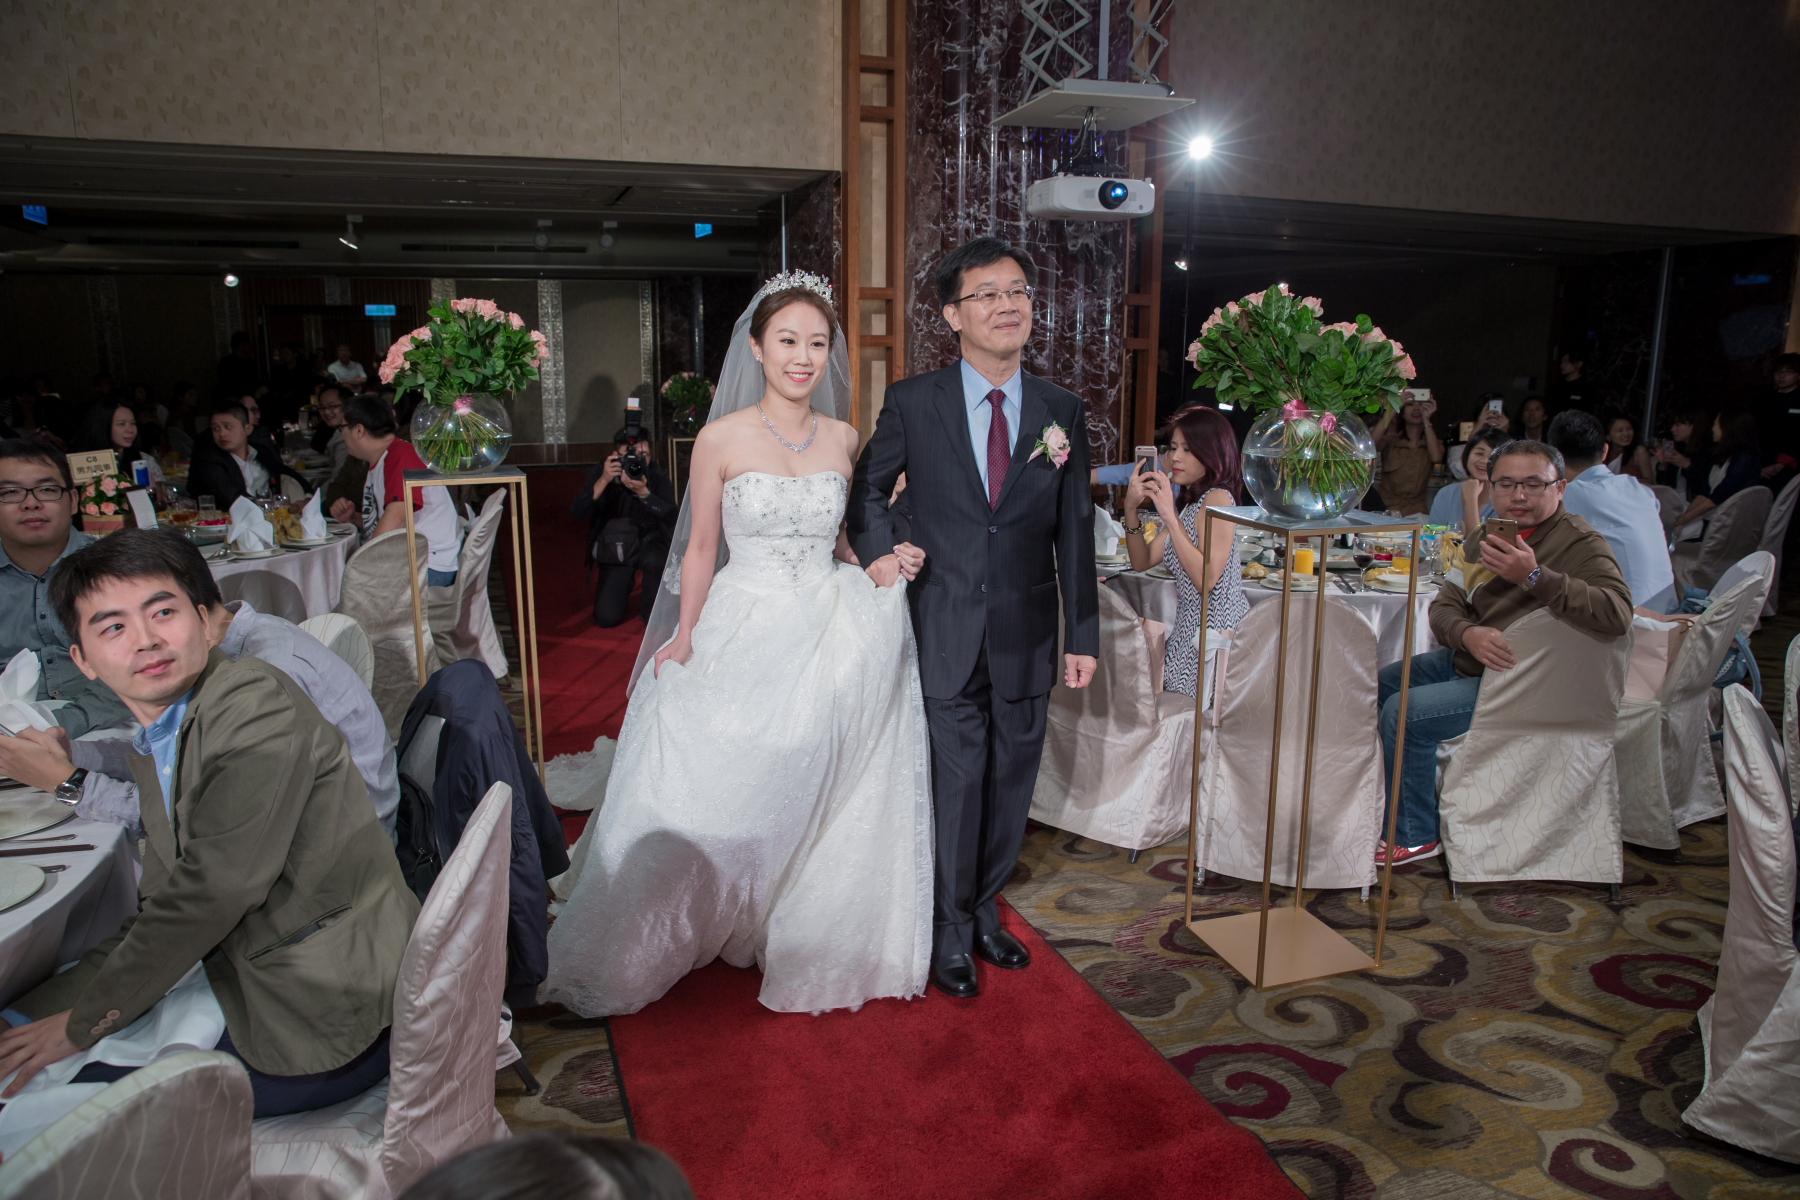 鴻璿鈺婷婚禮636